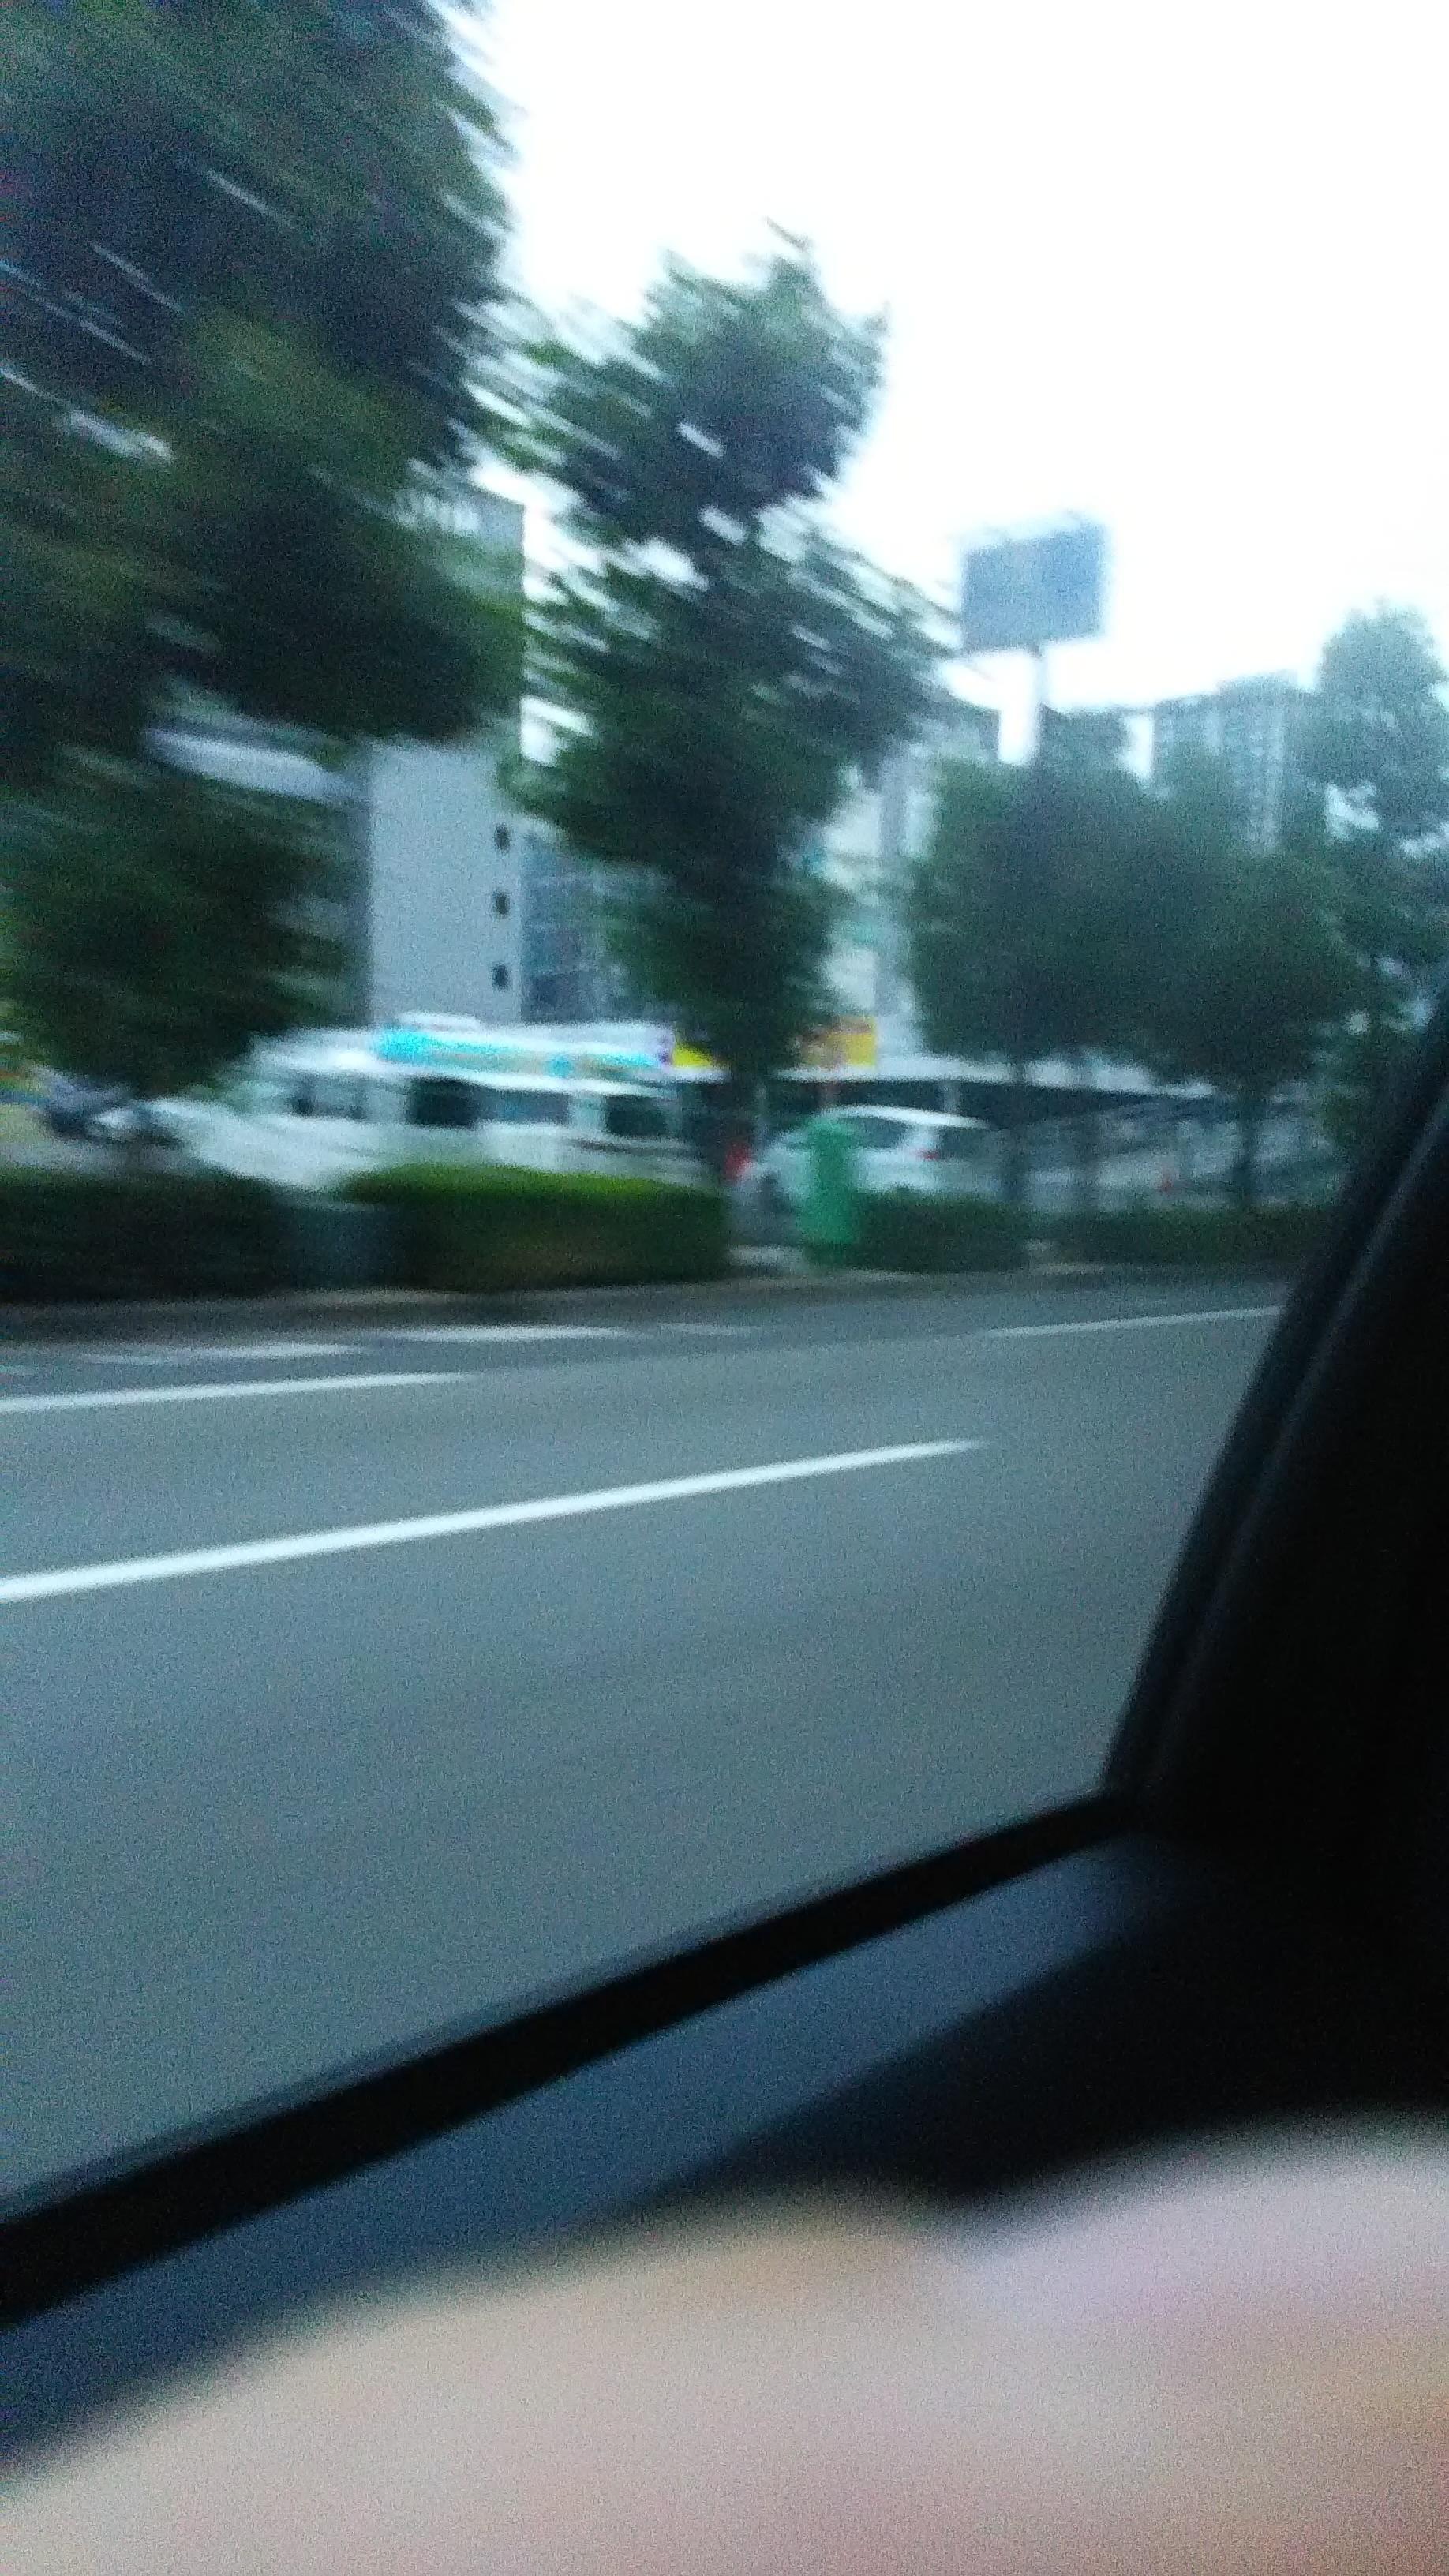 「おっはー」08/12(08/12) 07:47 | いろはの写メ・風俗動画